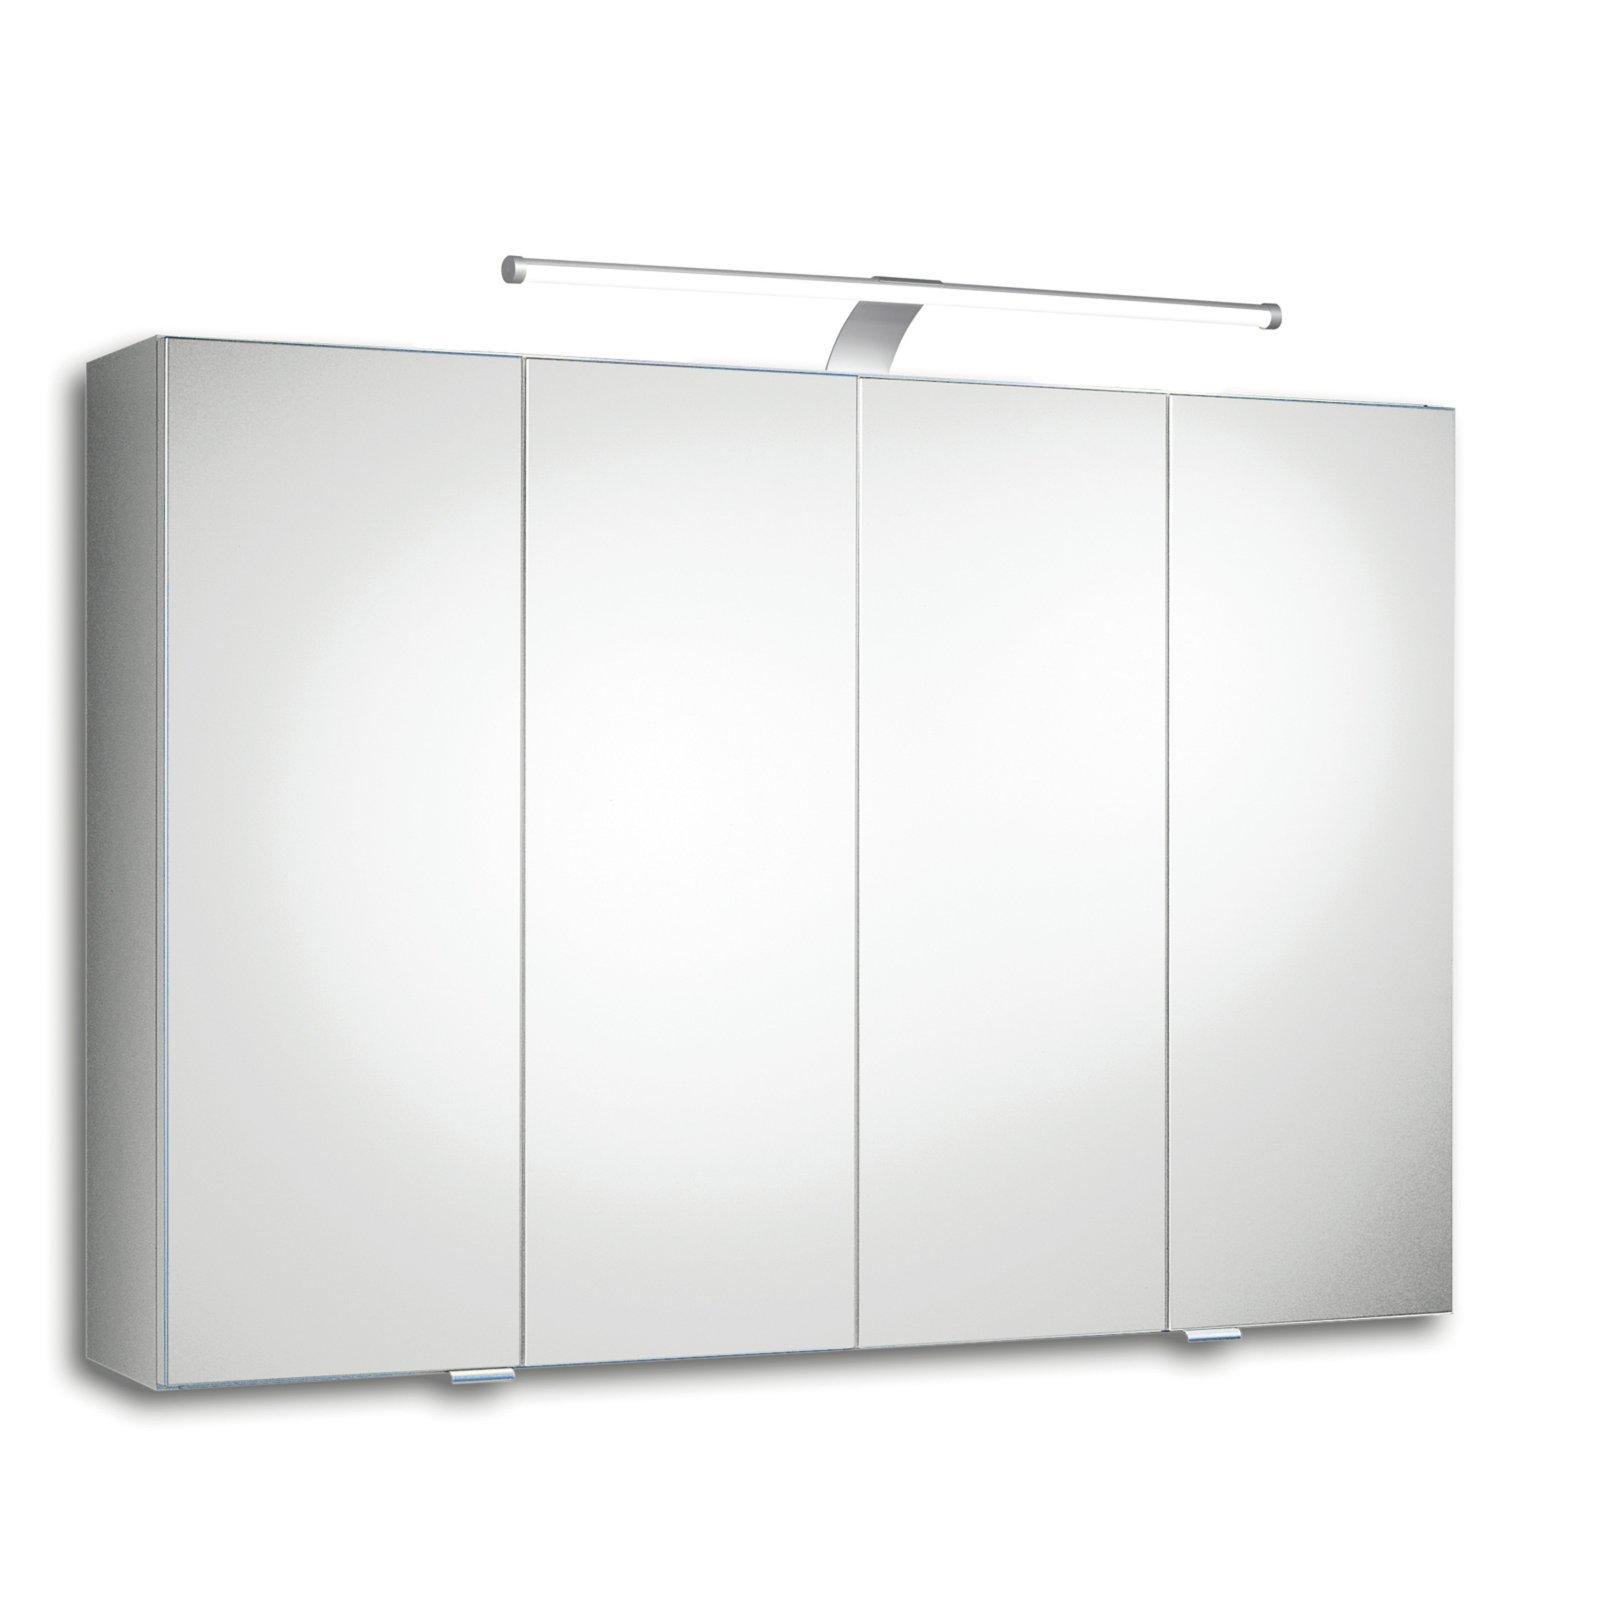 Spiegelschrank TRENTO III   weiß   LED | Spiegelschränke